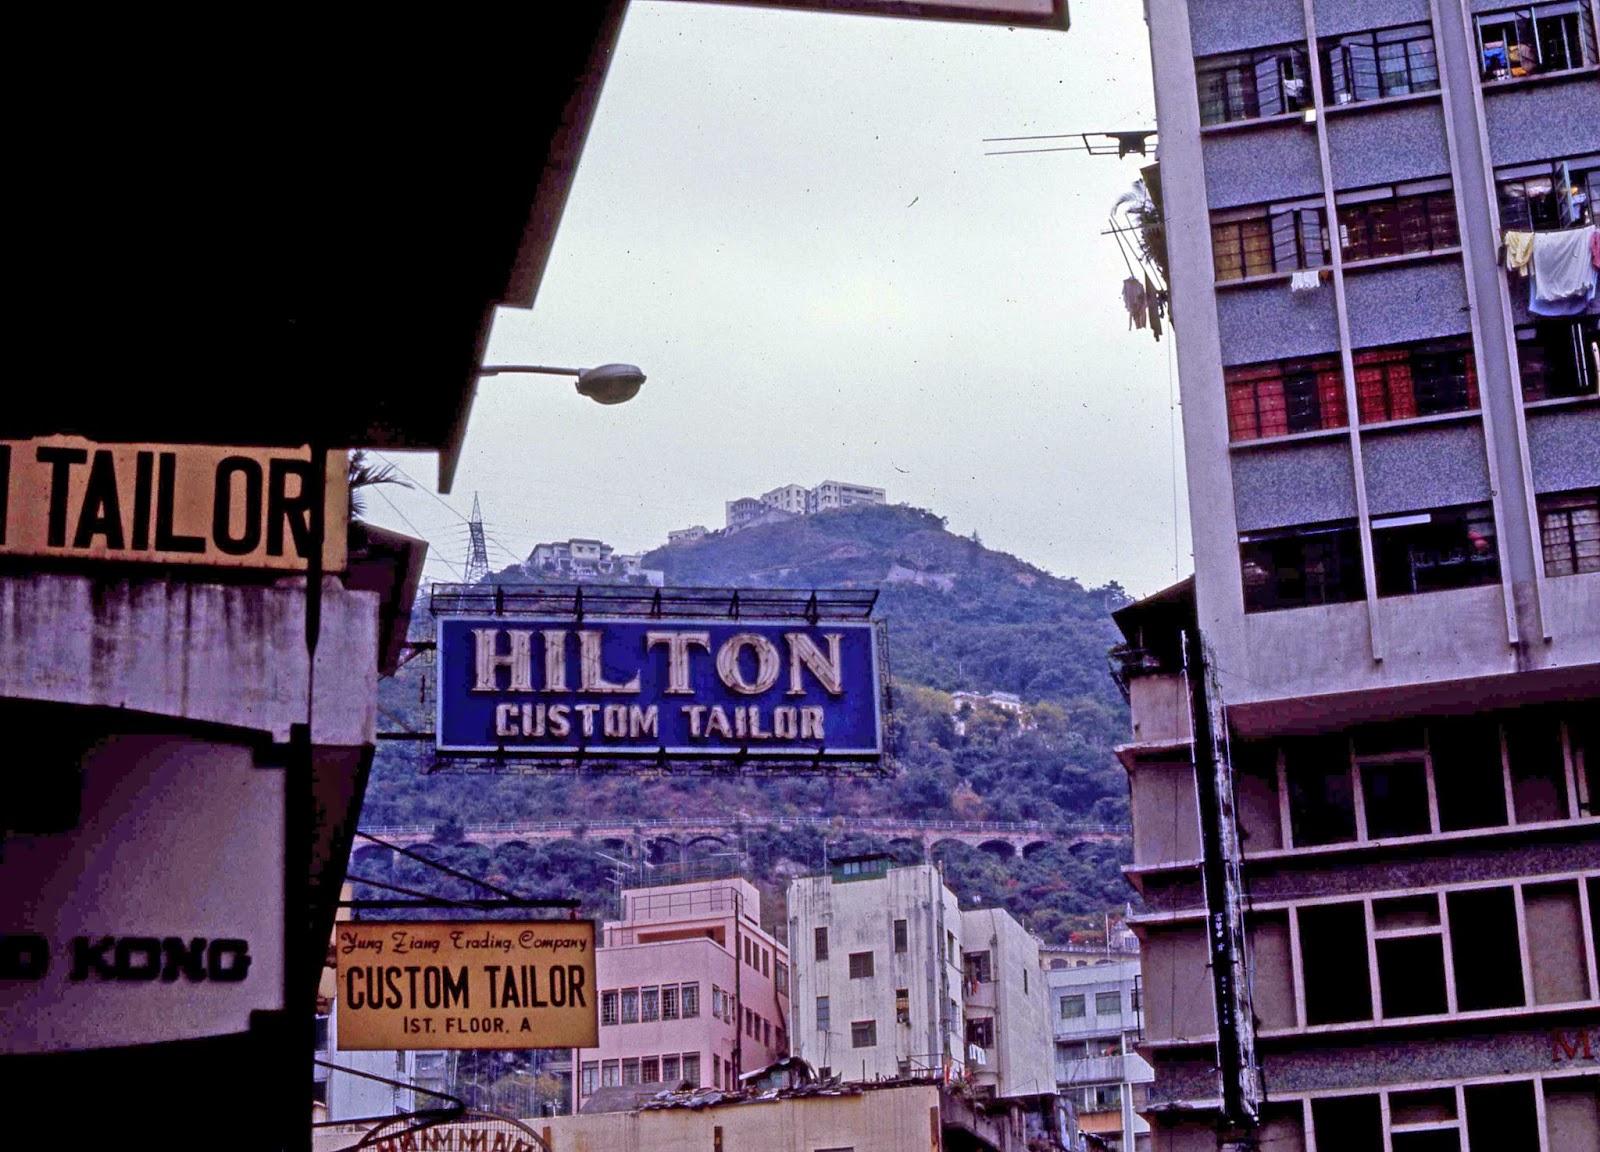 Hilton Custom Taylor Hong Kong - Hong Kong 1969